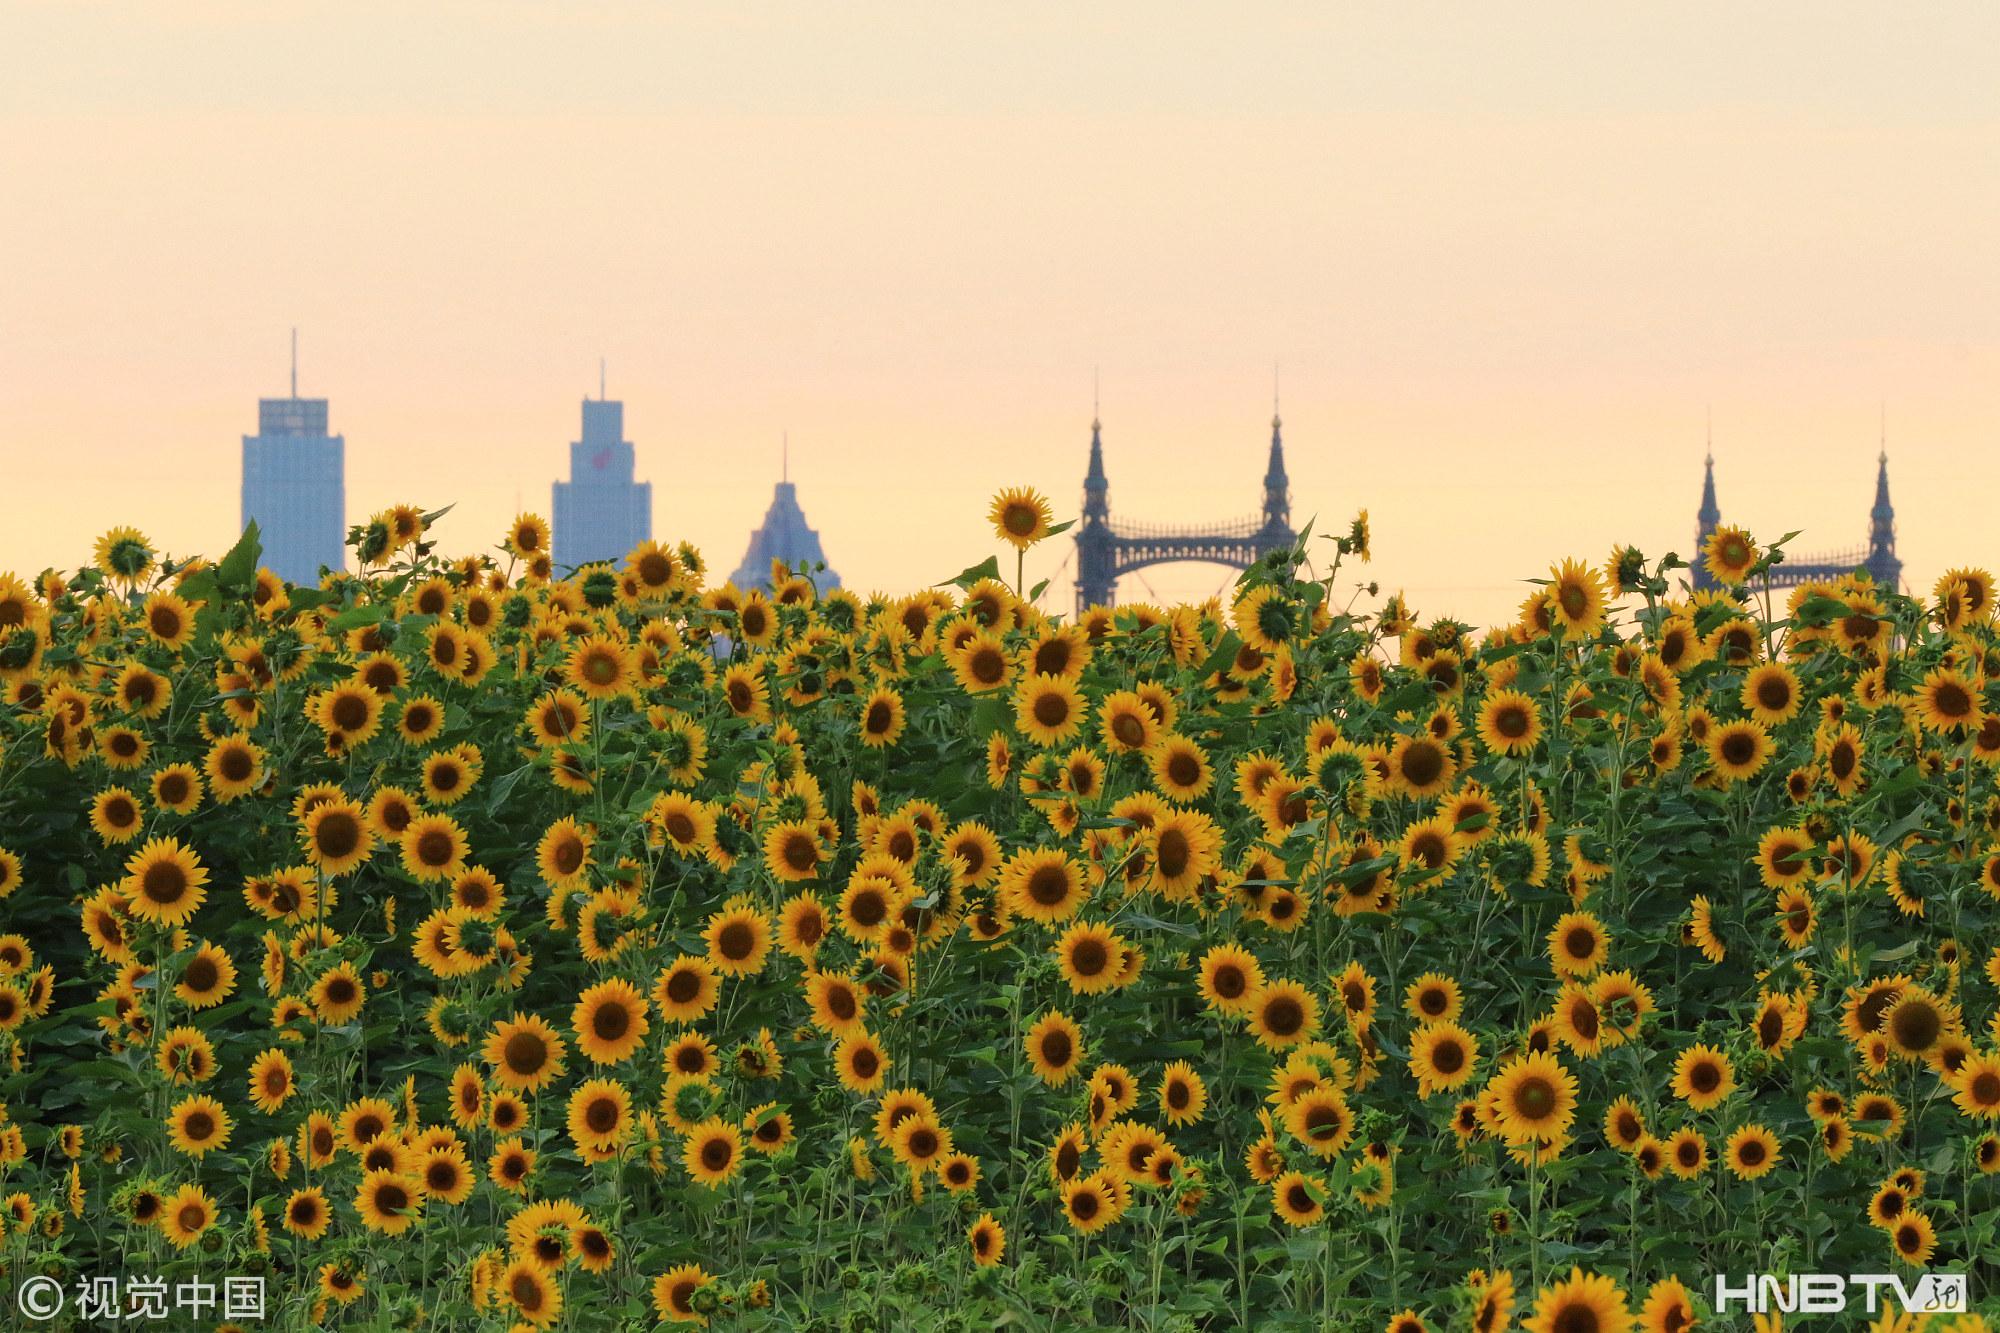 哈爾濱20萬株葵花綻放群力外灘  吸引市民賞花拍照(組圖)